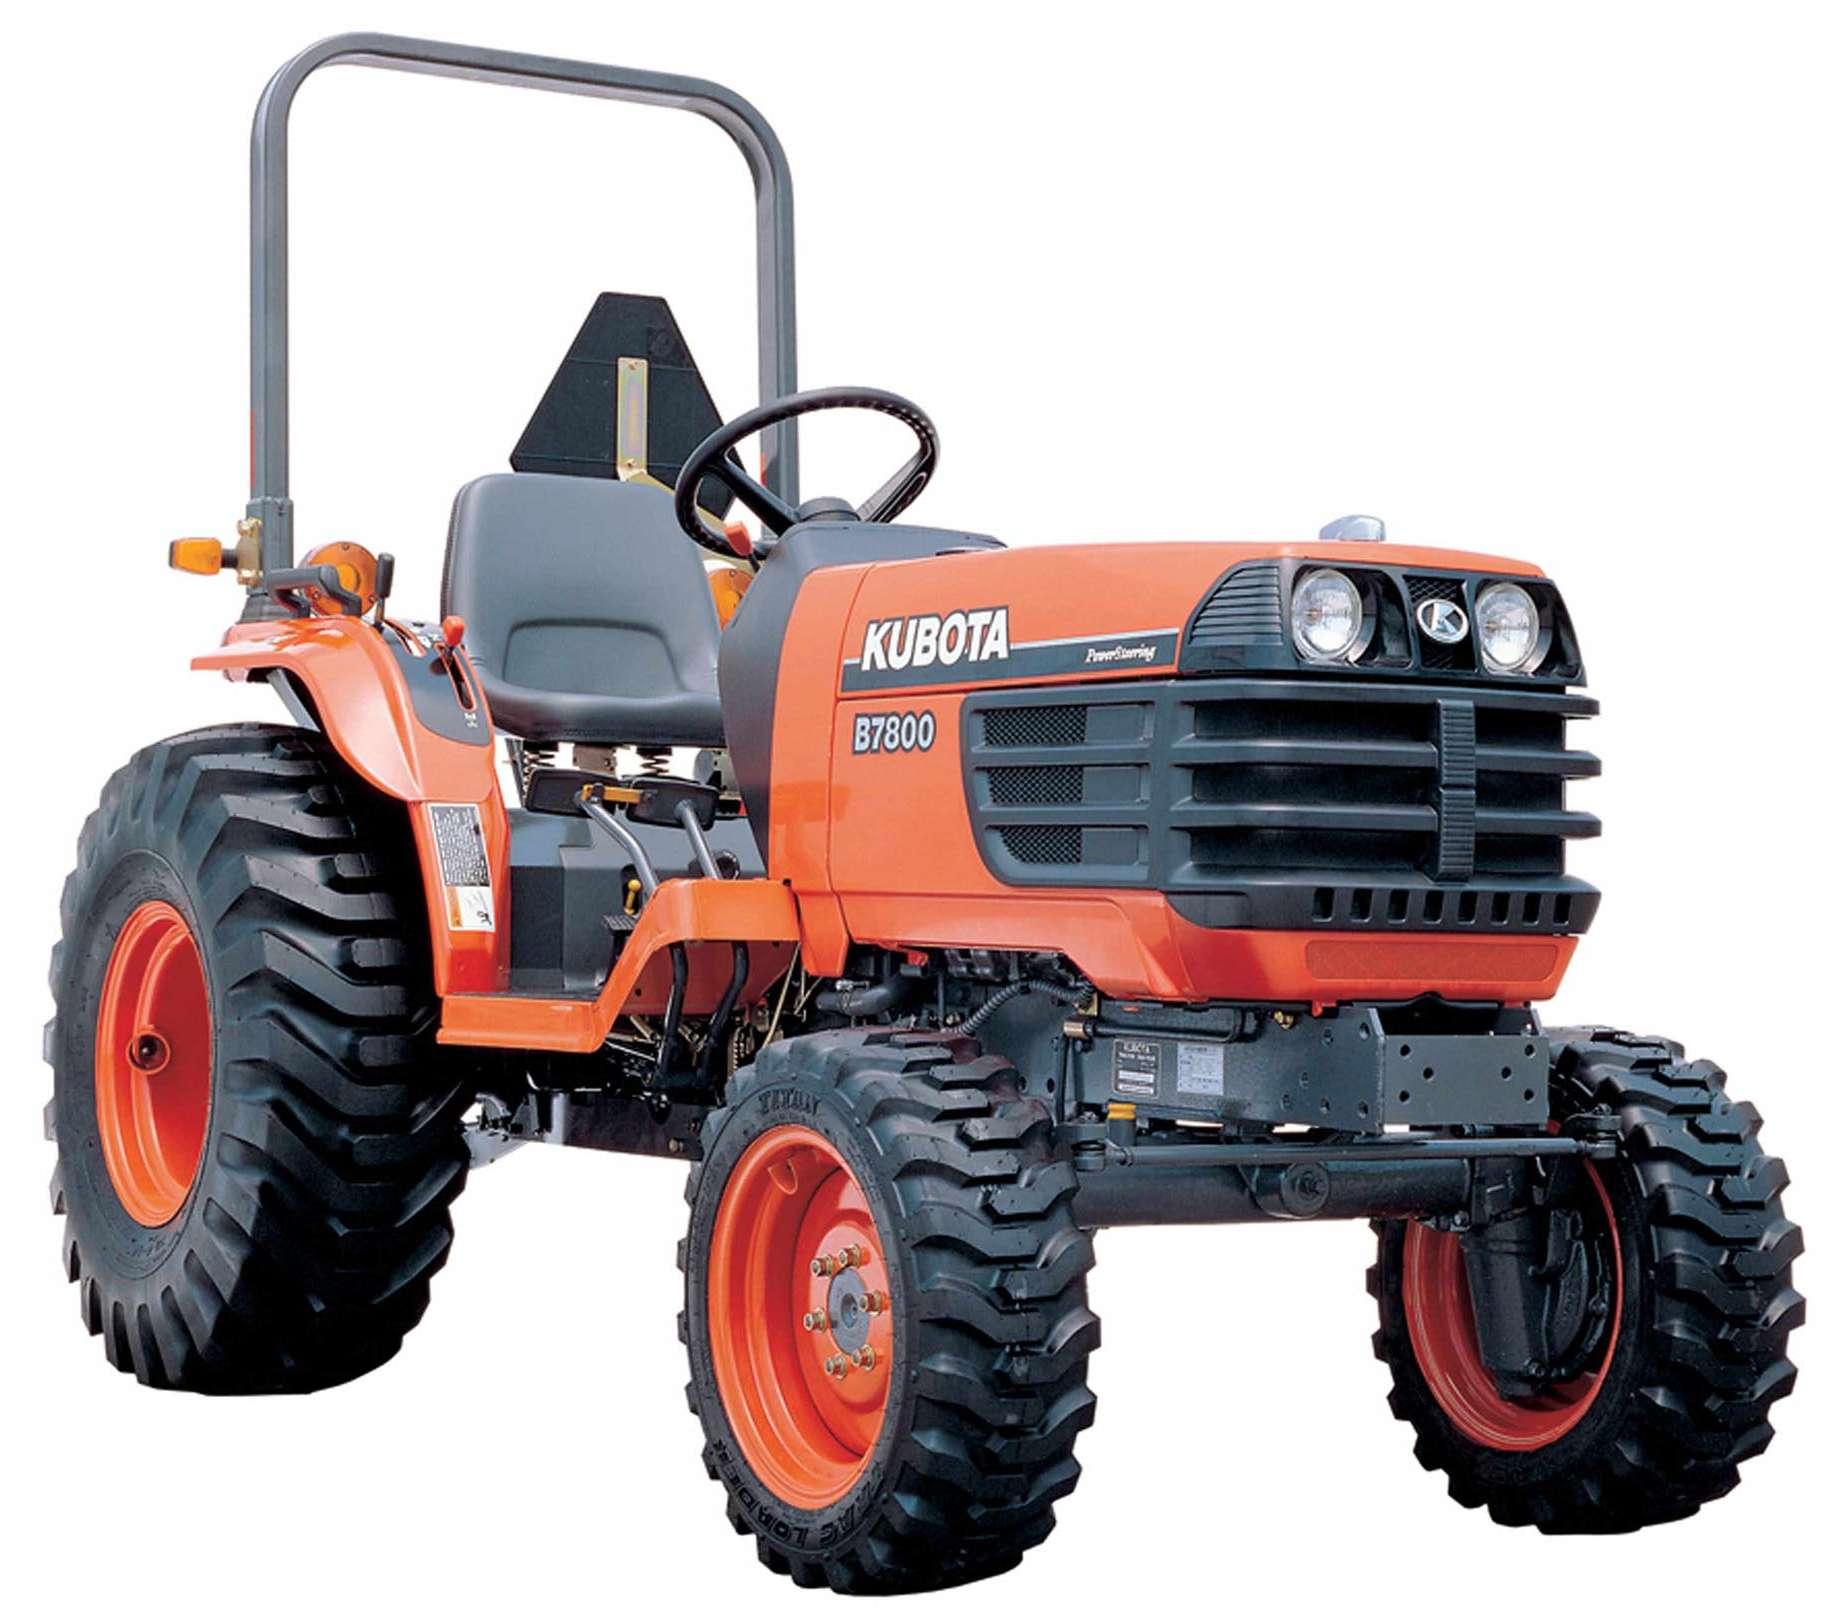 B9200 Hst Kubota B7800 Wiring Diagram Electrical L Tractor Diagrams